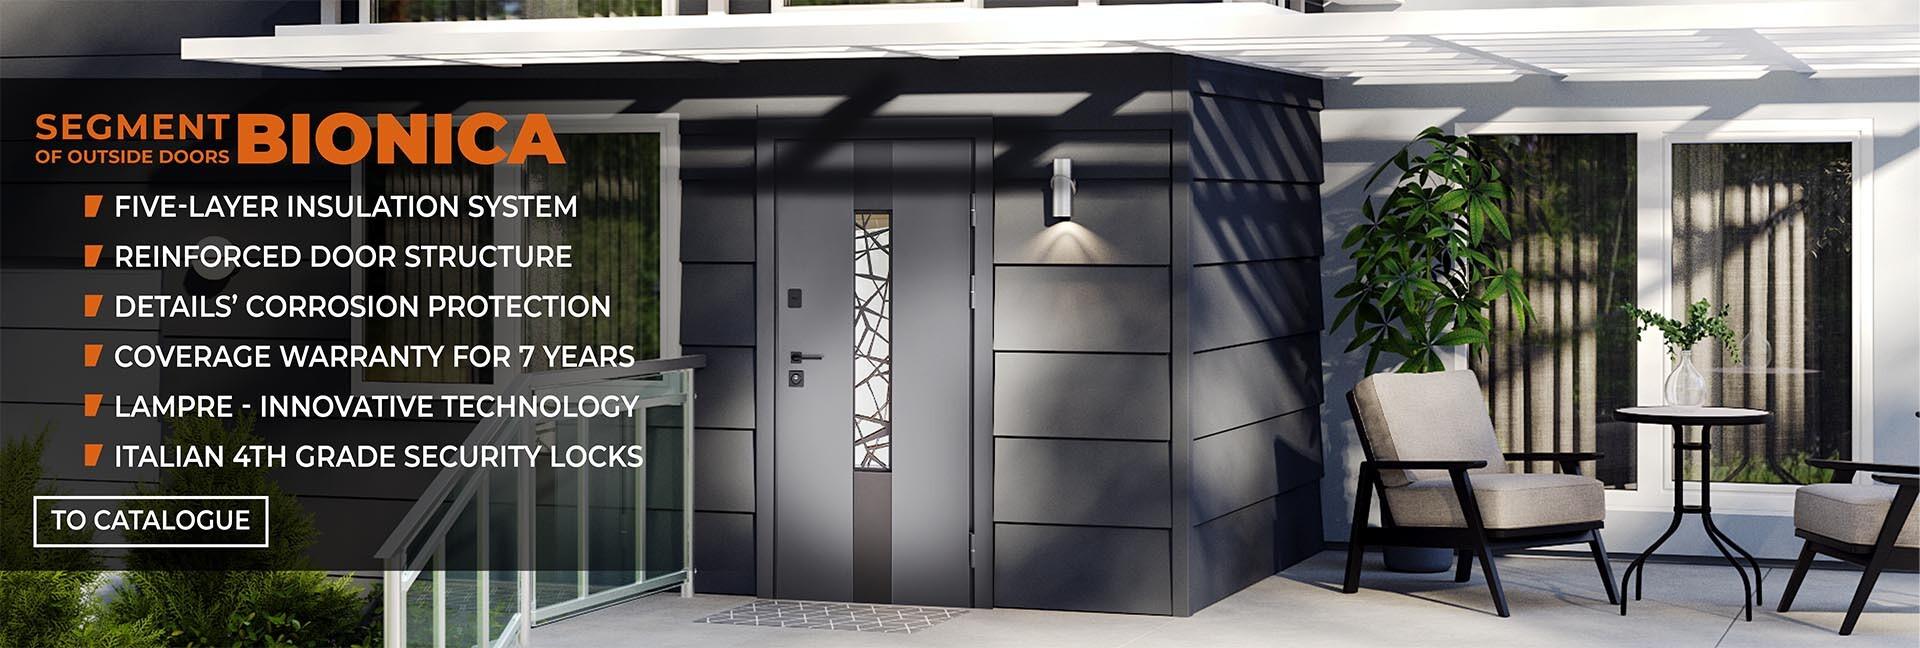 Street doors segment - BIONICA